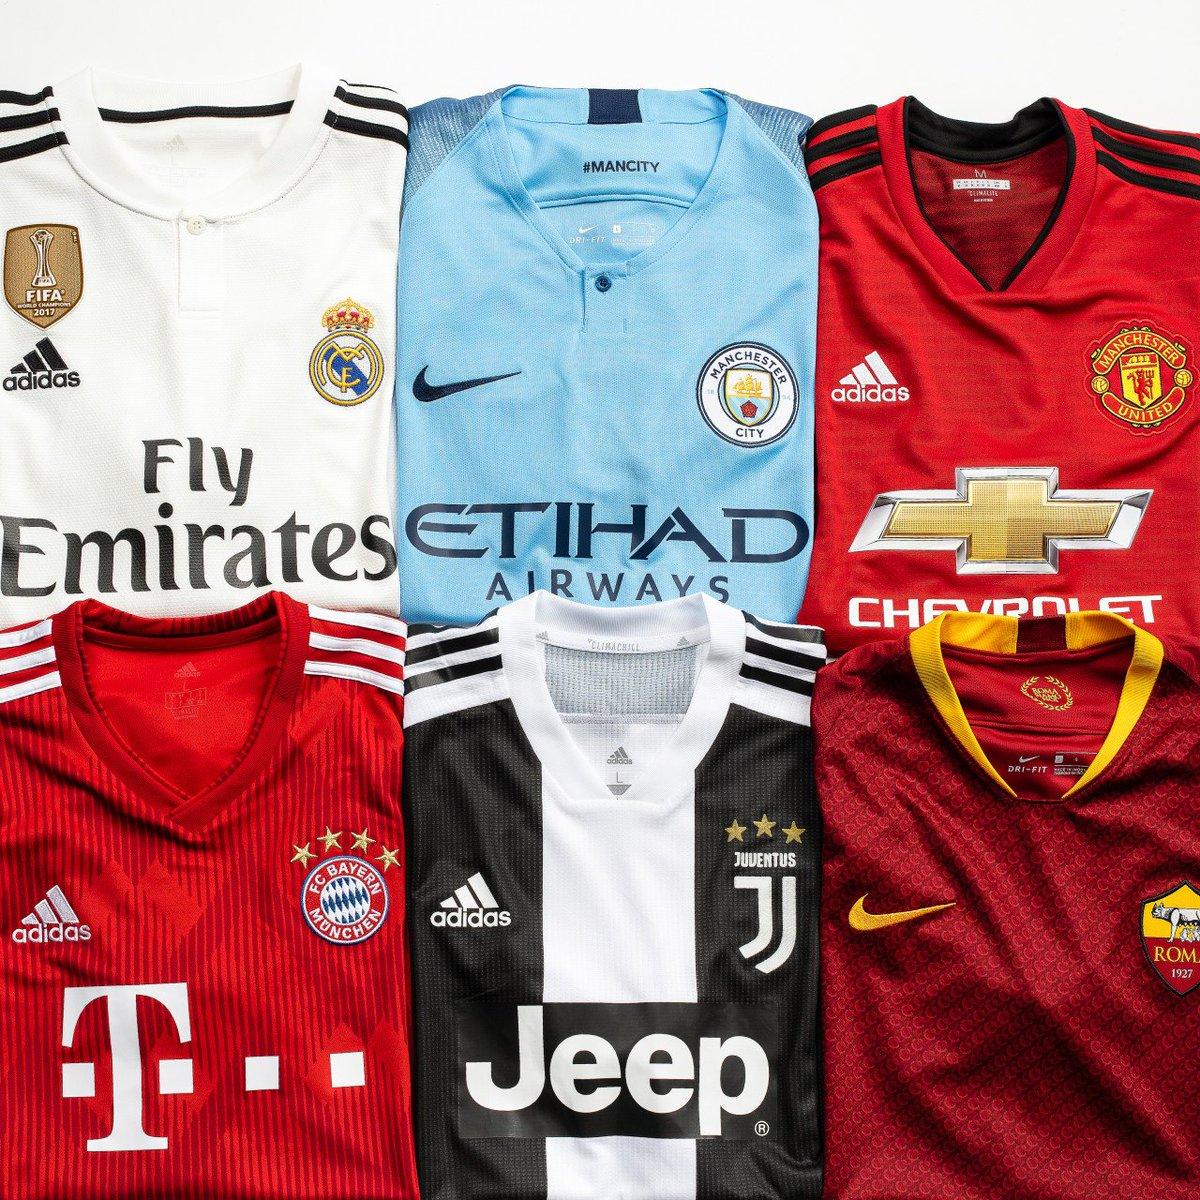 World Soccer Shop on Twitter: